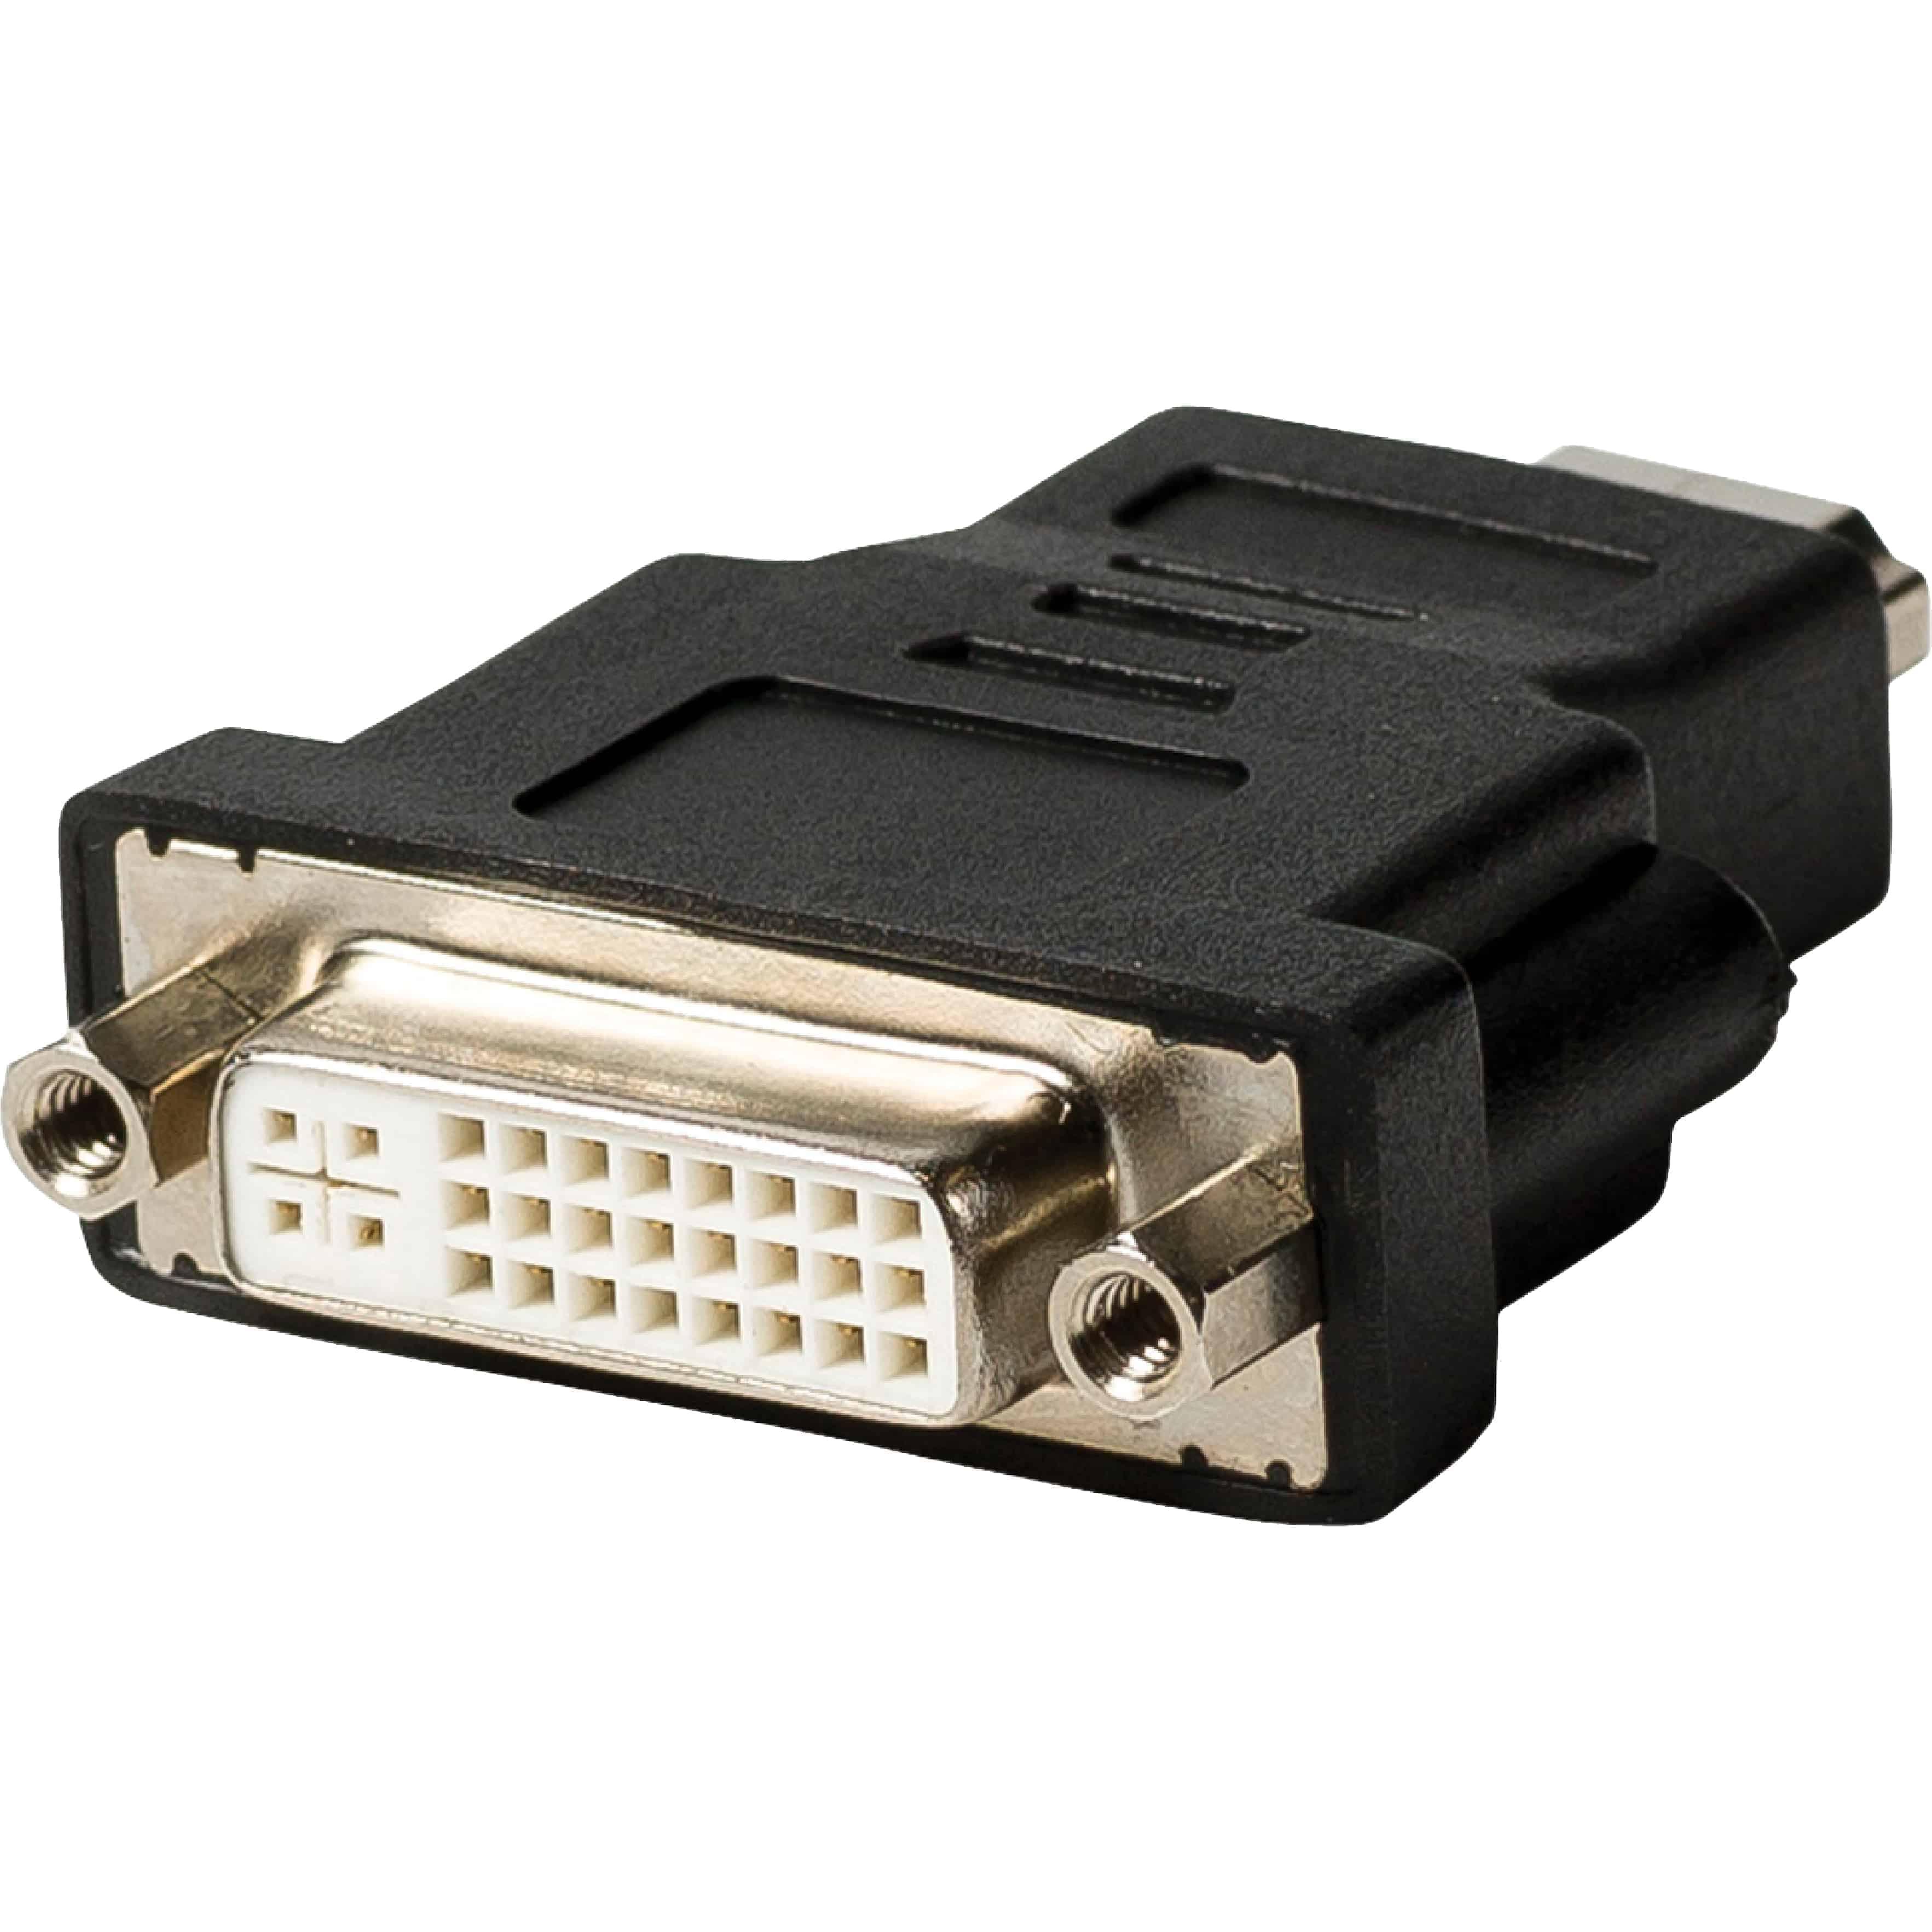 HDMI ADAPTERI HDMI - DVI NAARAS